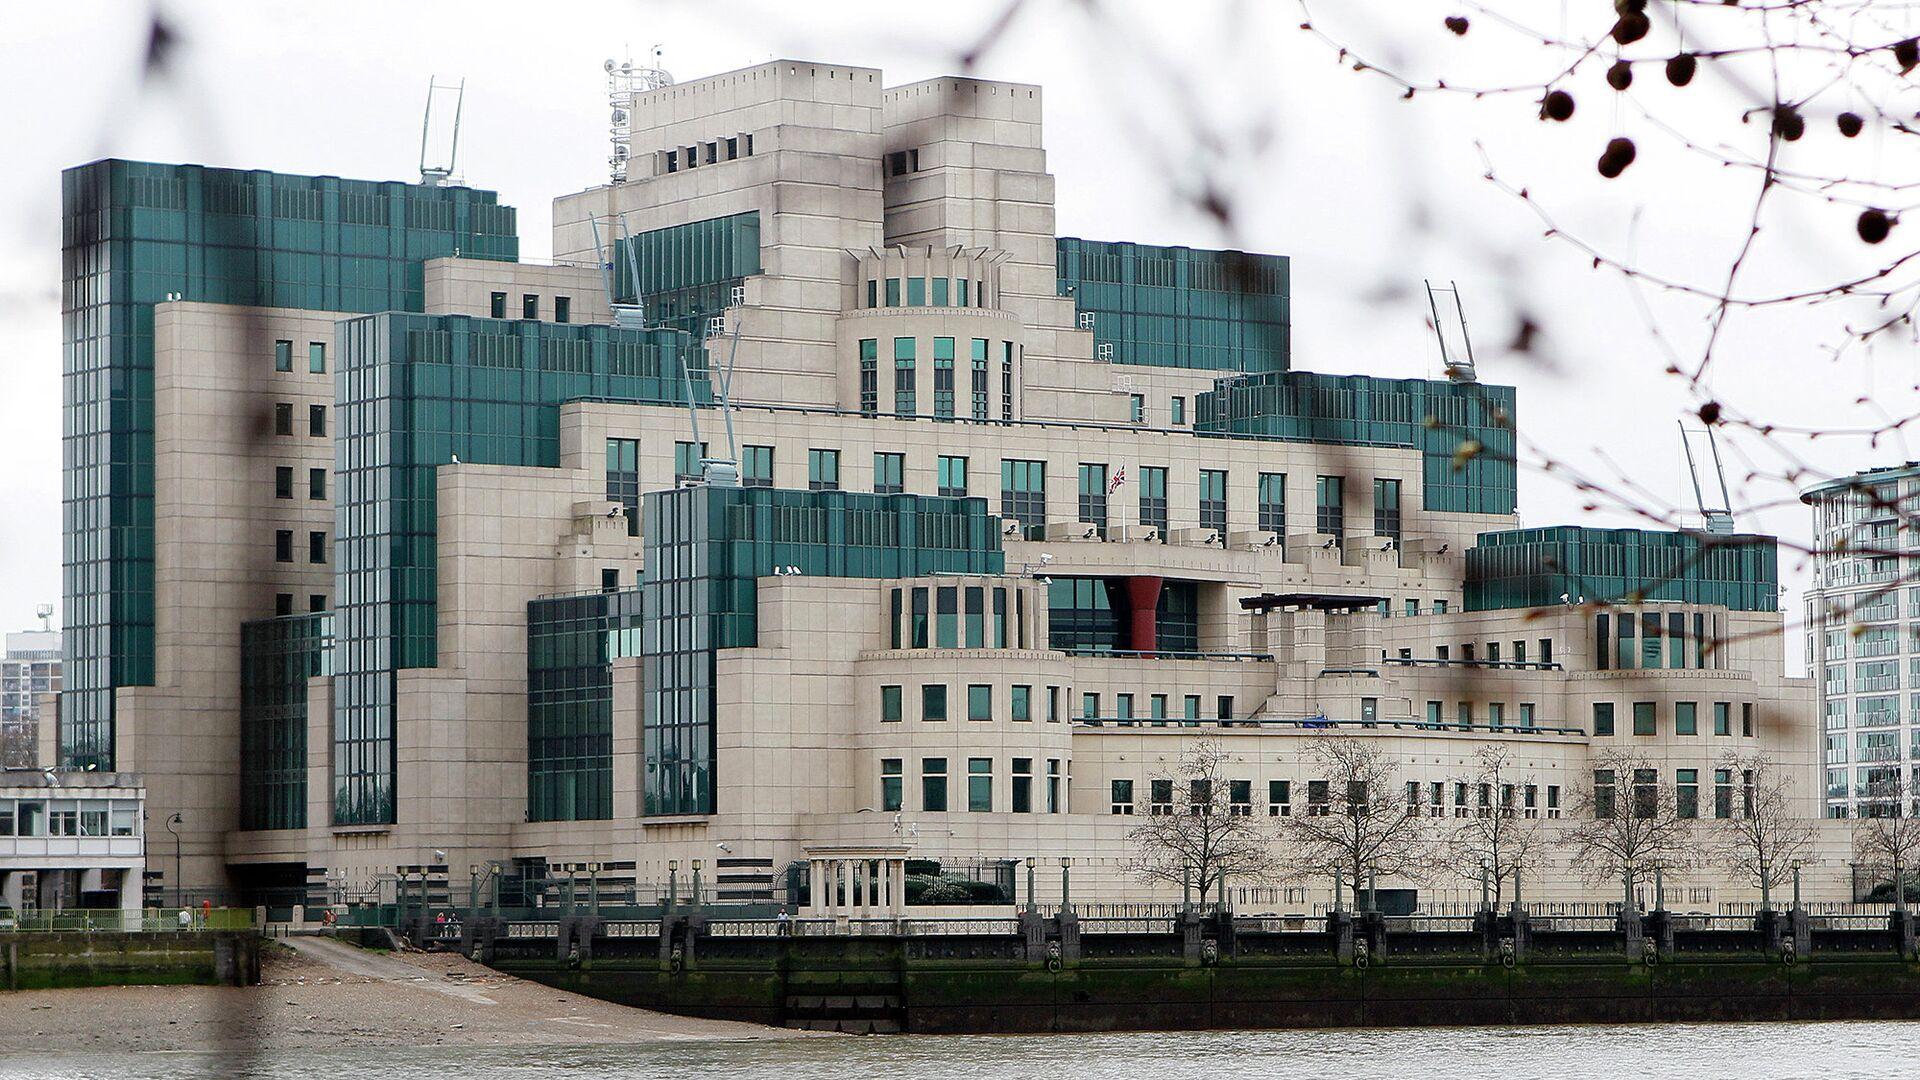 Штаб-квартира внешней разведки Великобритании MI6 в Лондоне - РИА Новости, 1920, 14.07.2021